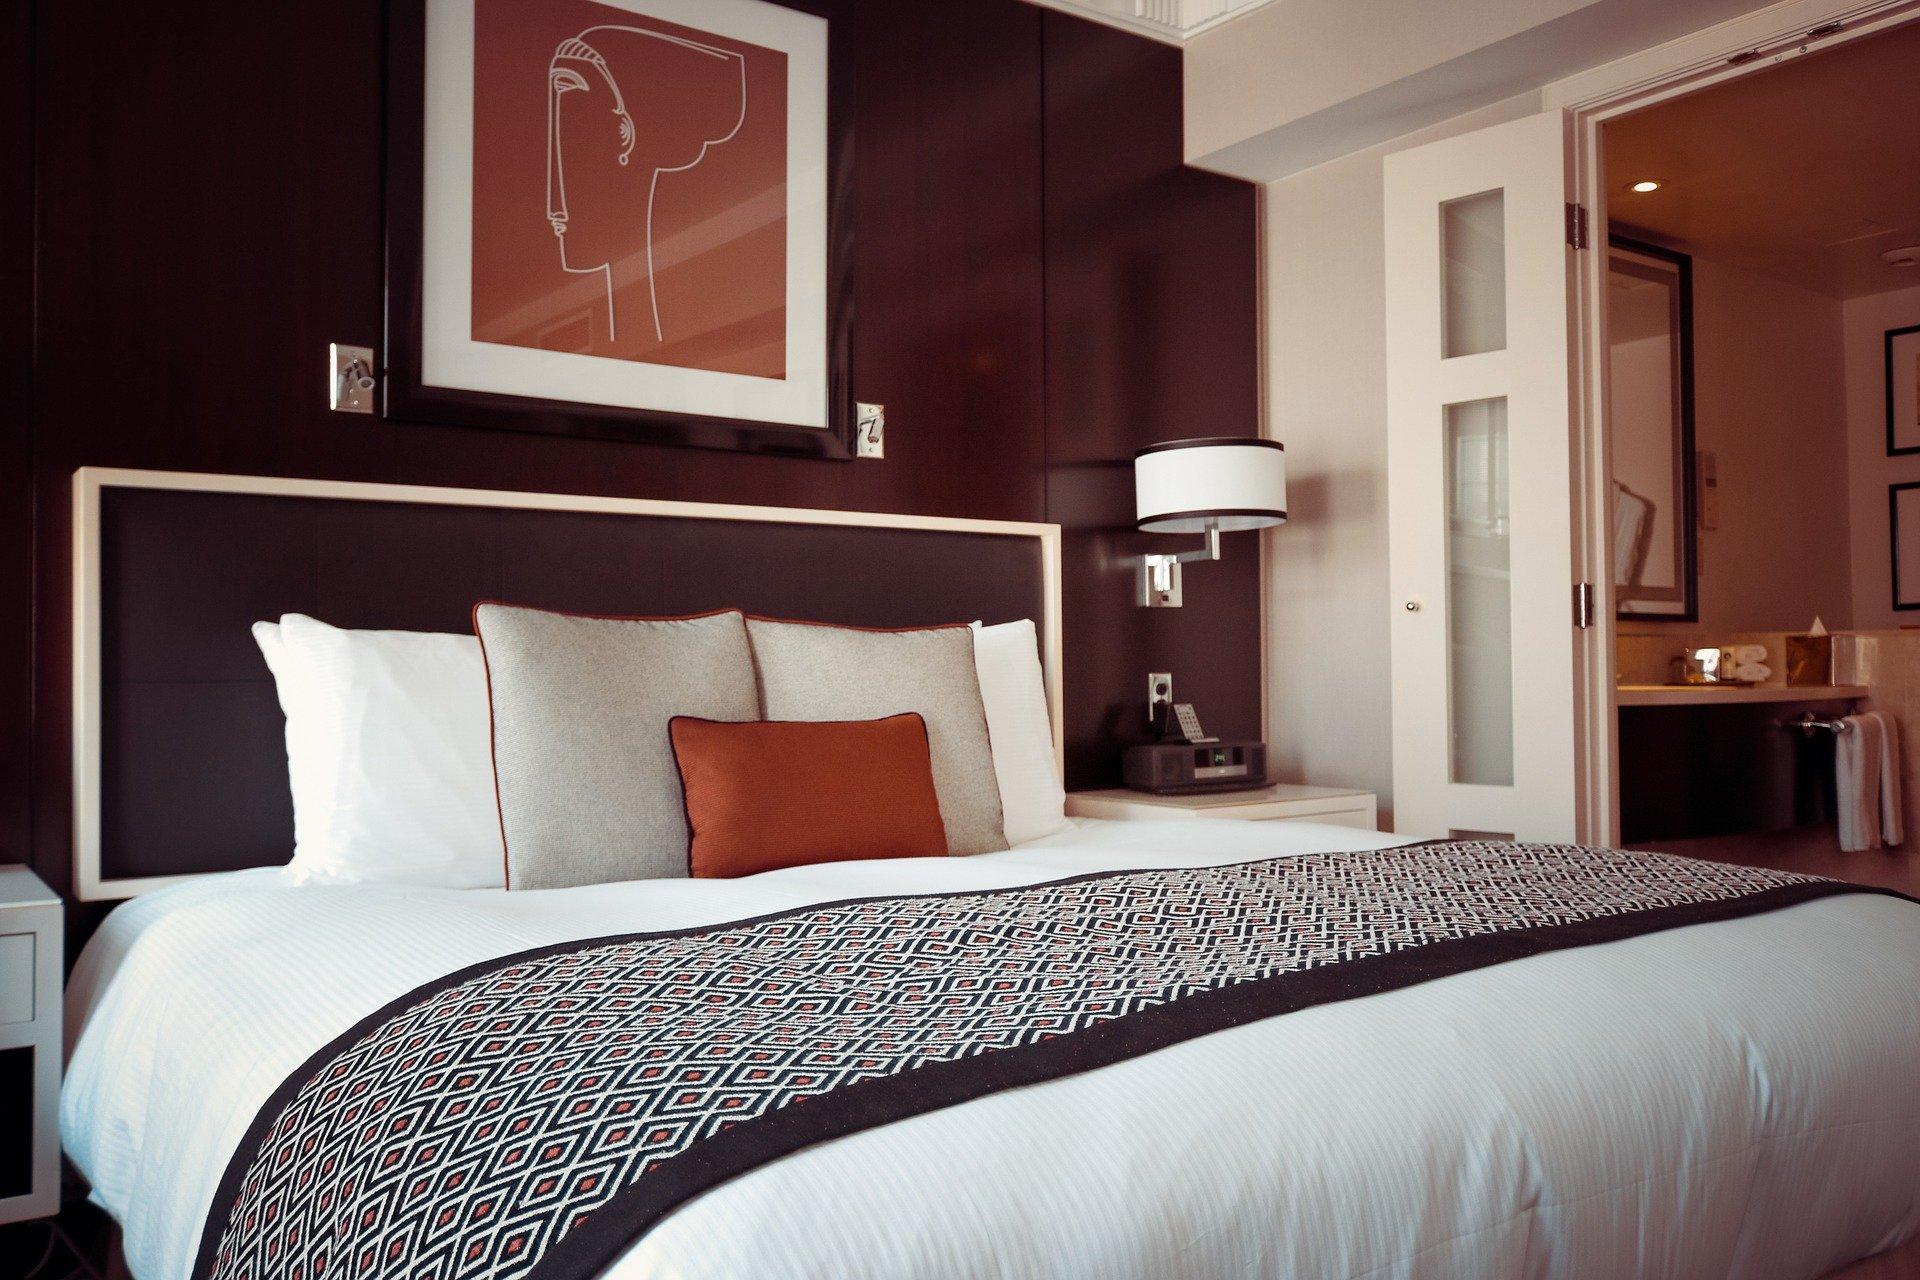 Hotelbetten nur zu einem Drittel ausgelastet